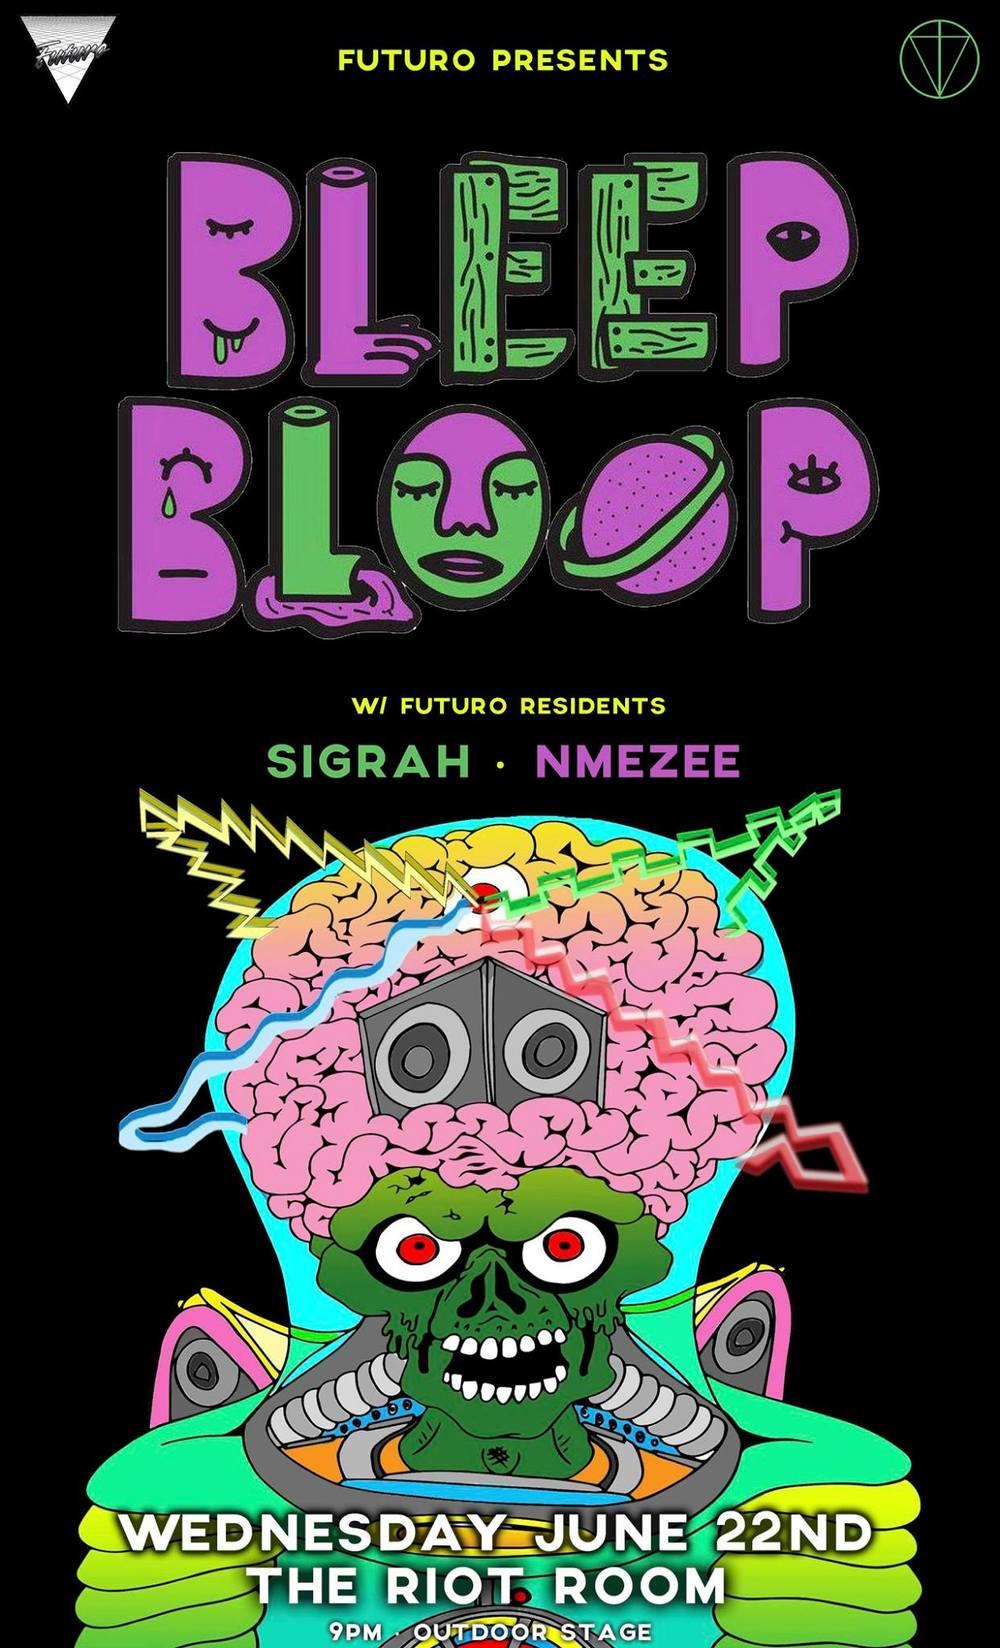 BleepBloop_Futuro